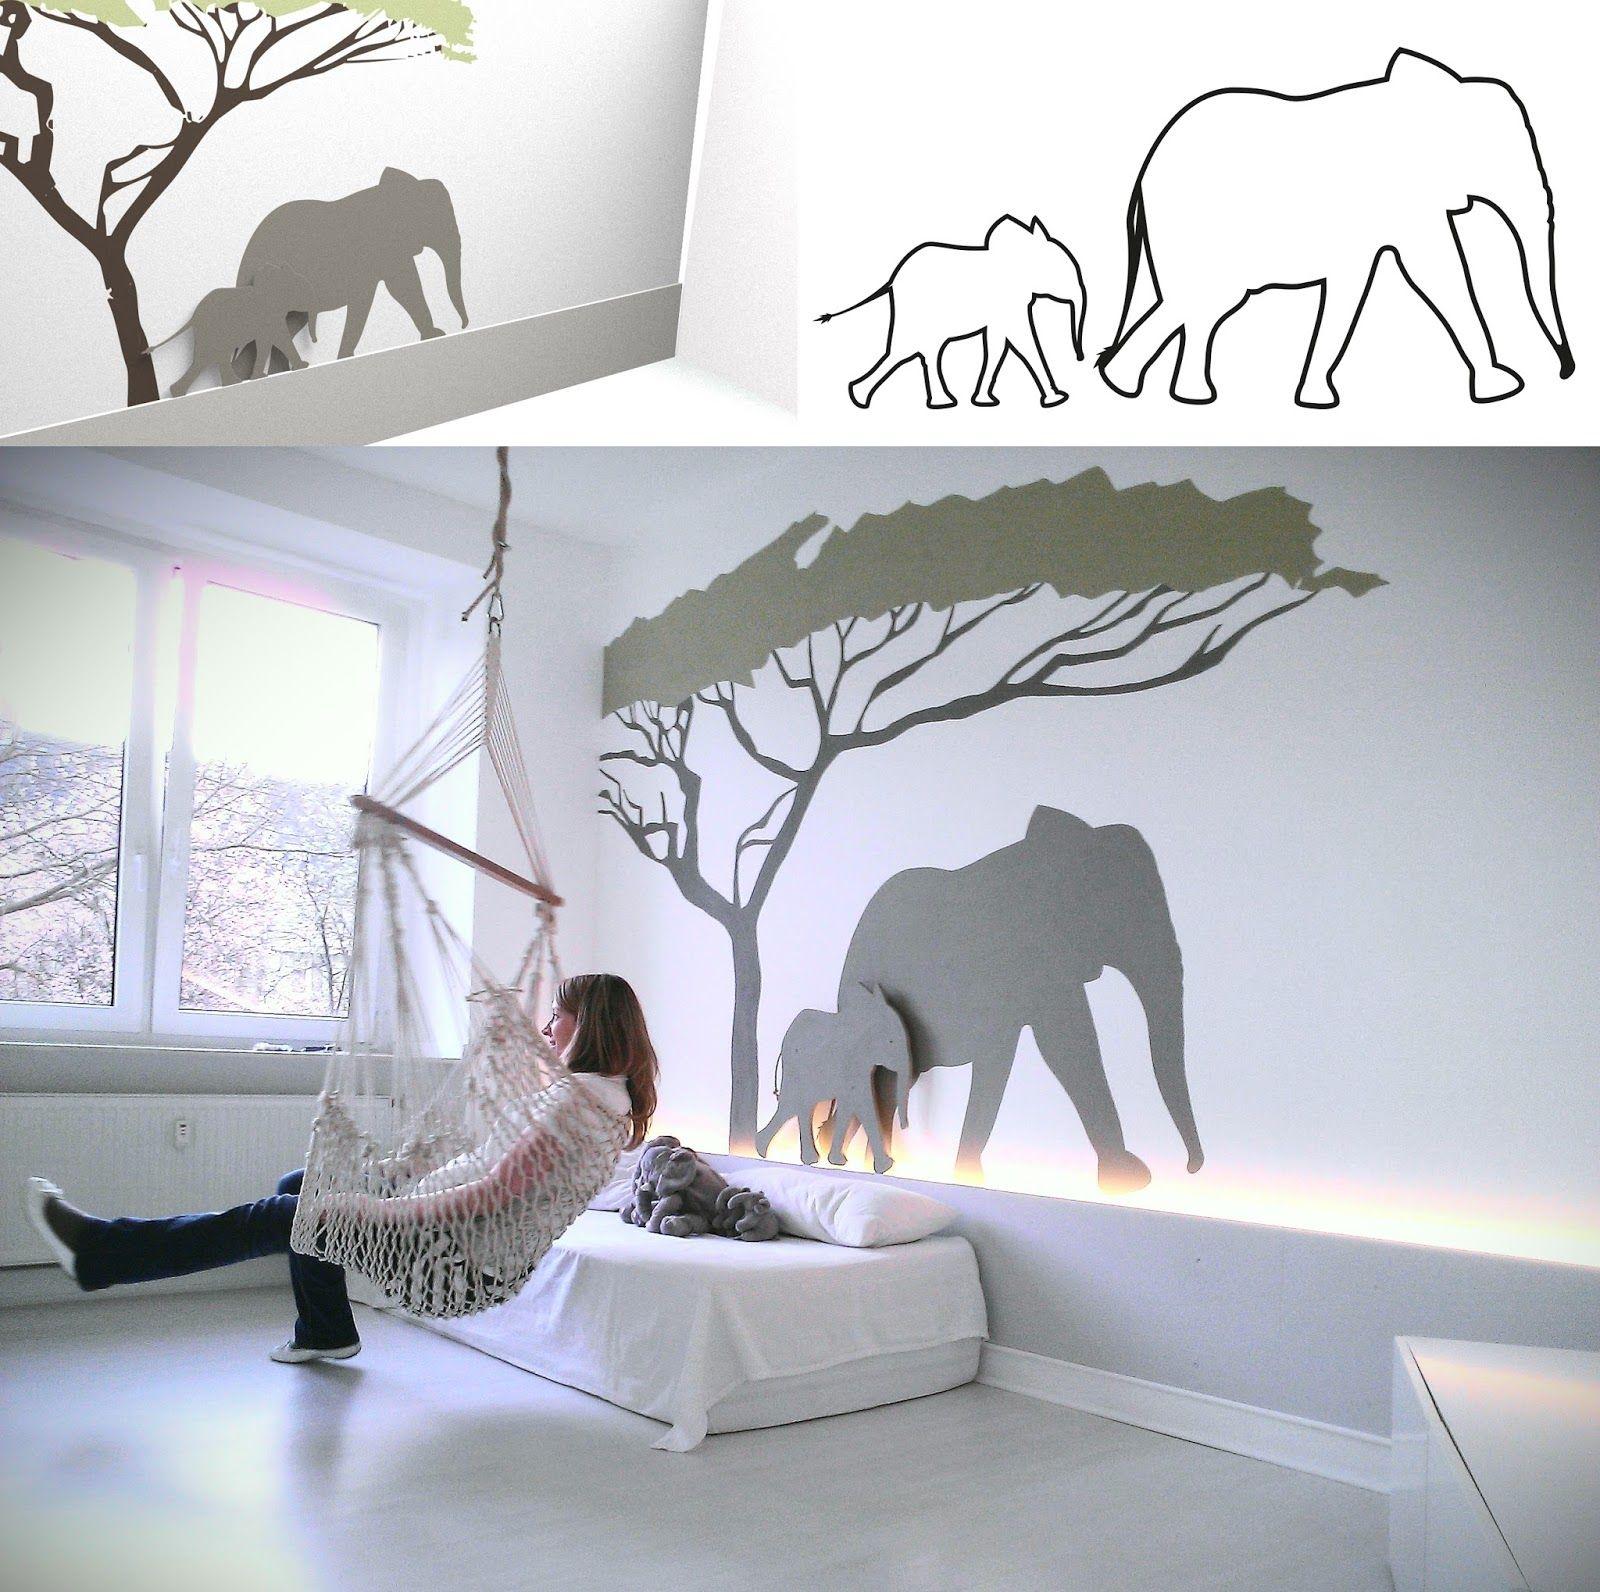 Kinderzimmer mal anders, der Baum und der große Elefant sind auf die ...